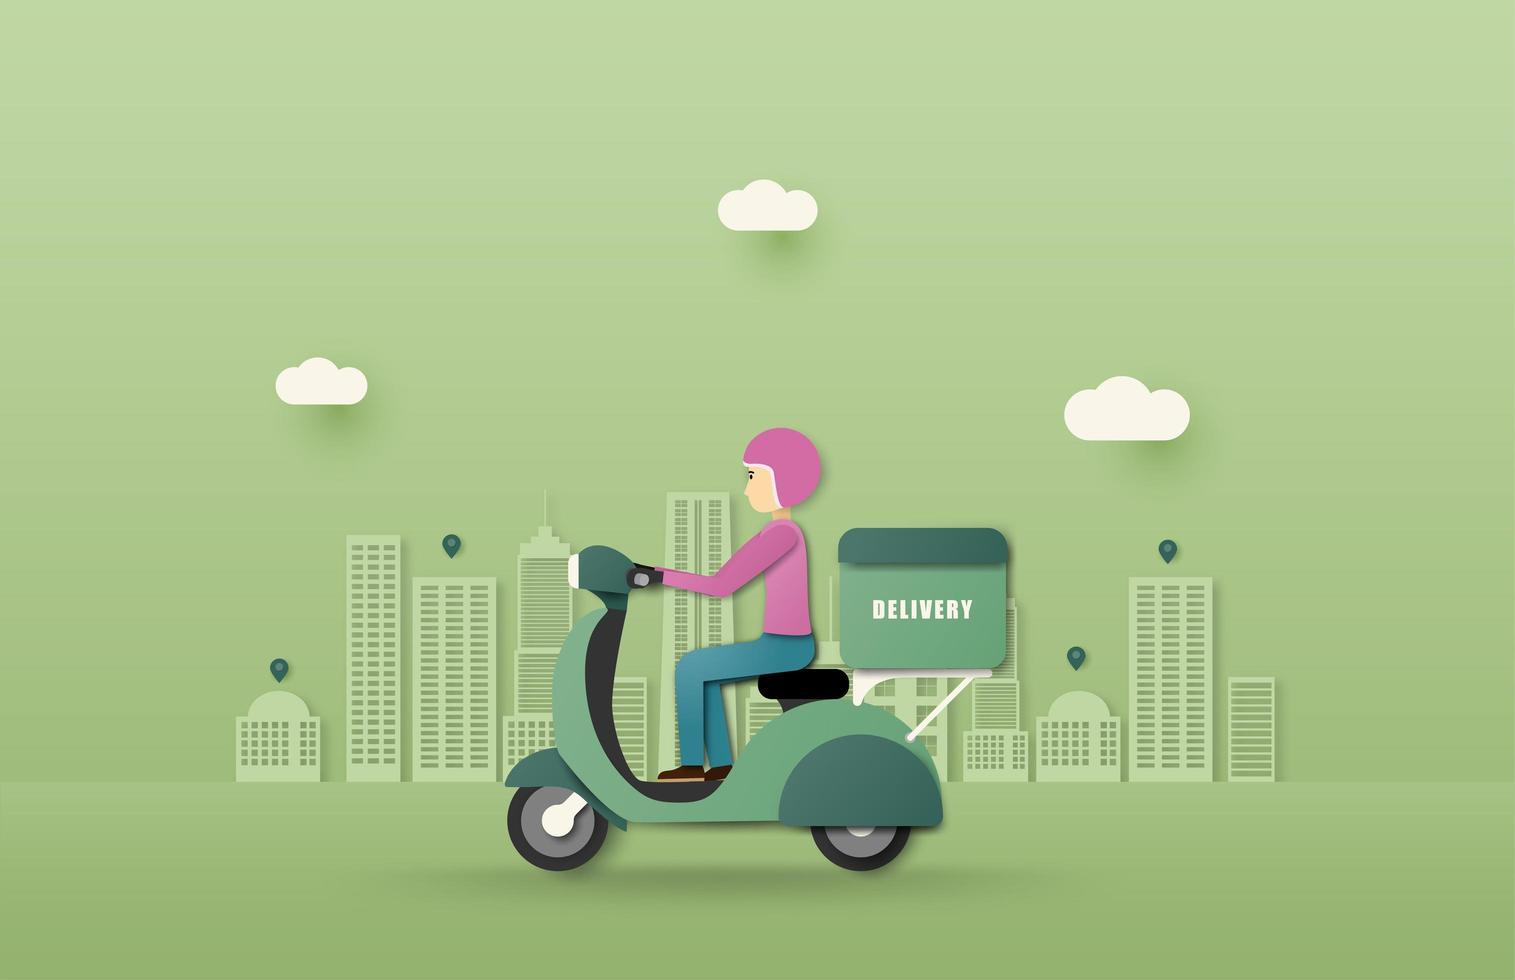 Online-Lieferservice Lieferscooter fahren vektor